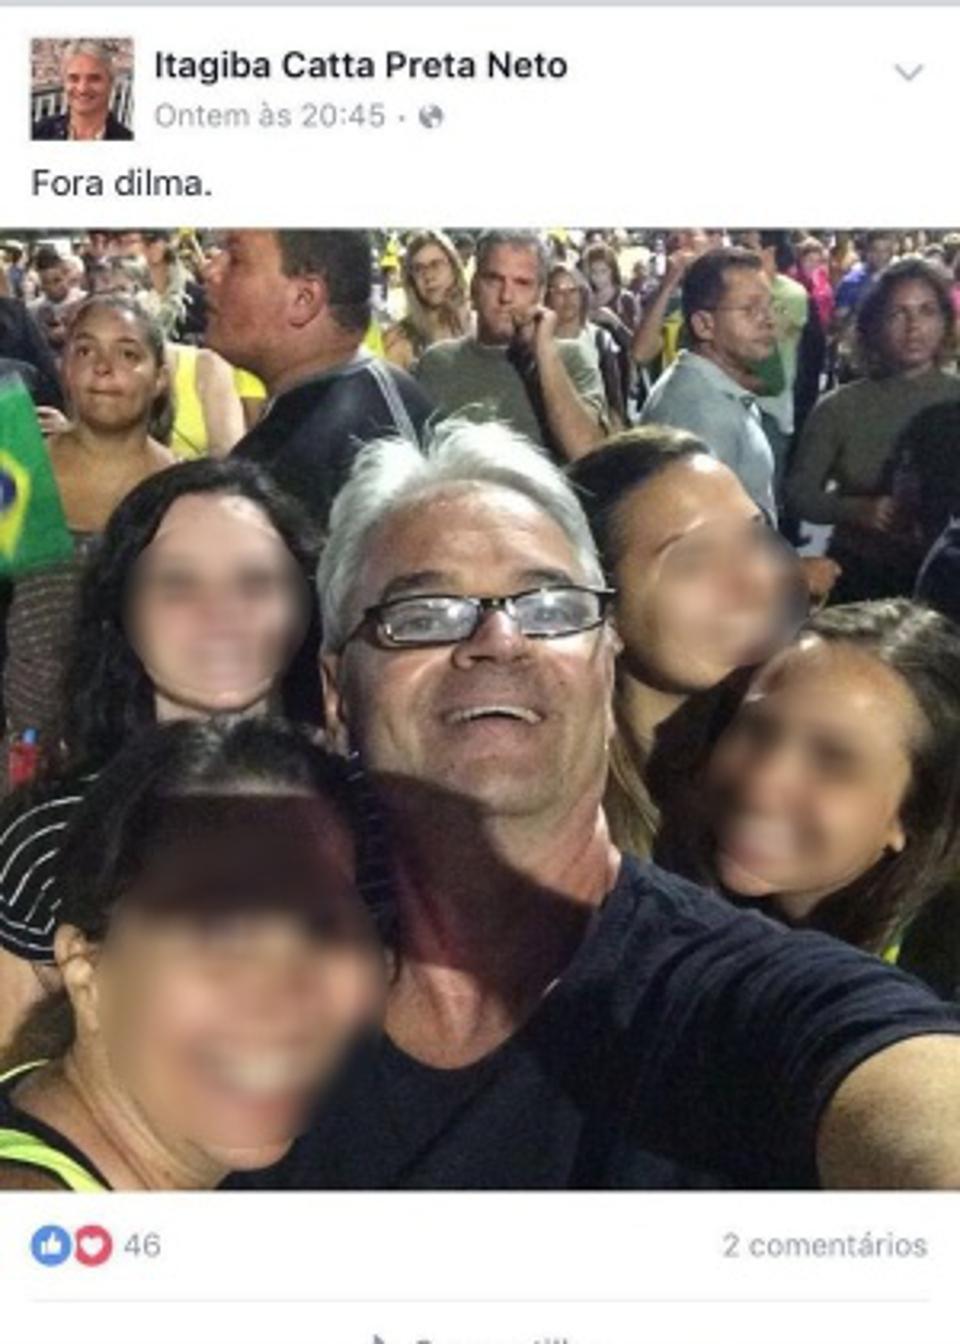 O Juiz nas últimas manifestações anti-Dilma Rousseff.